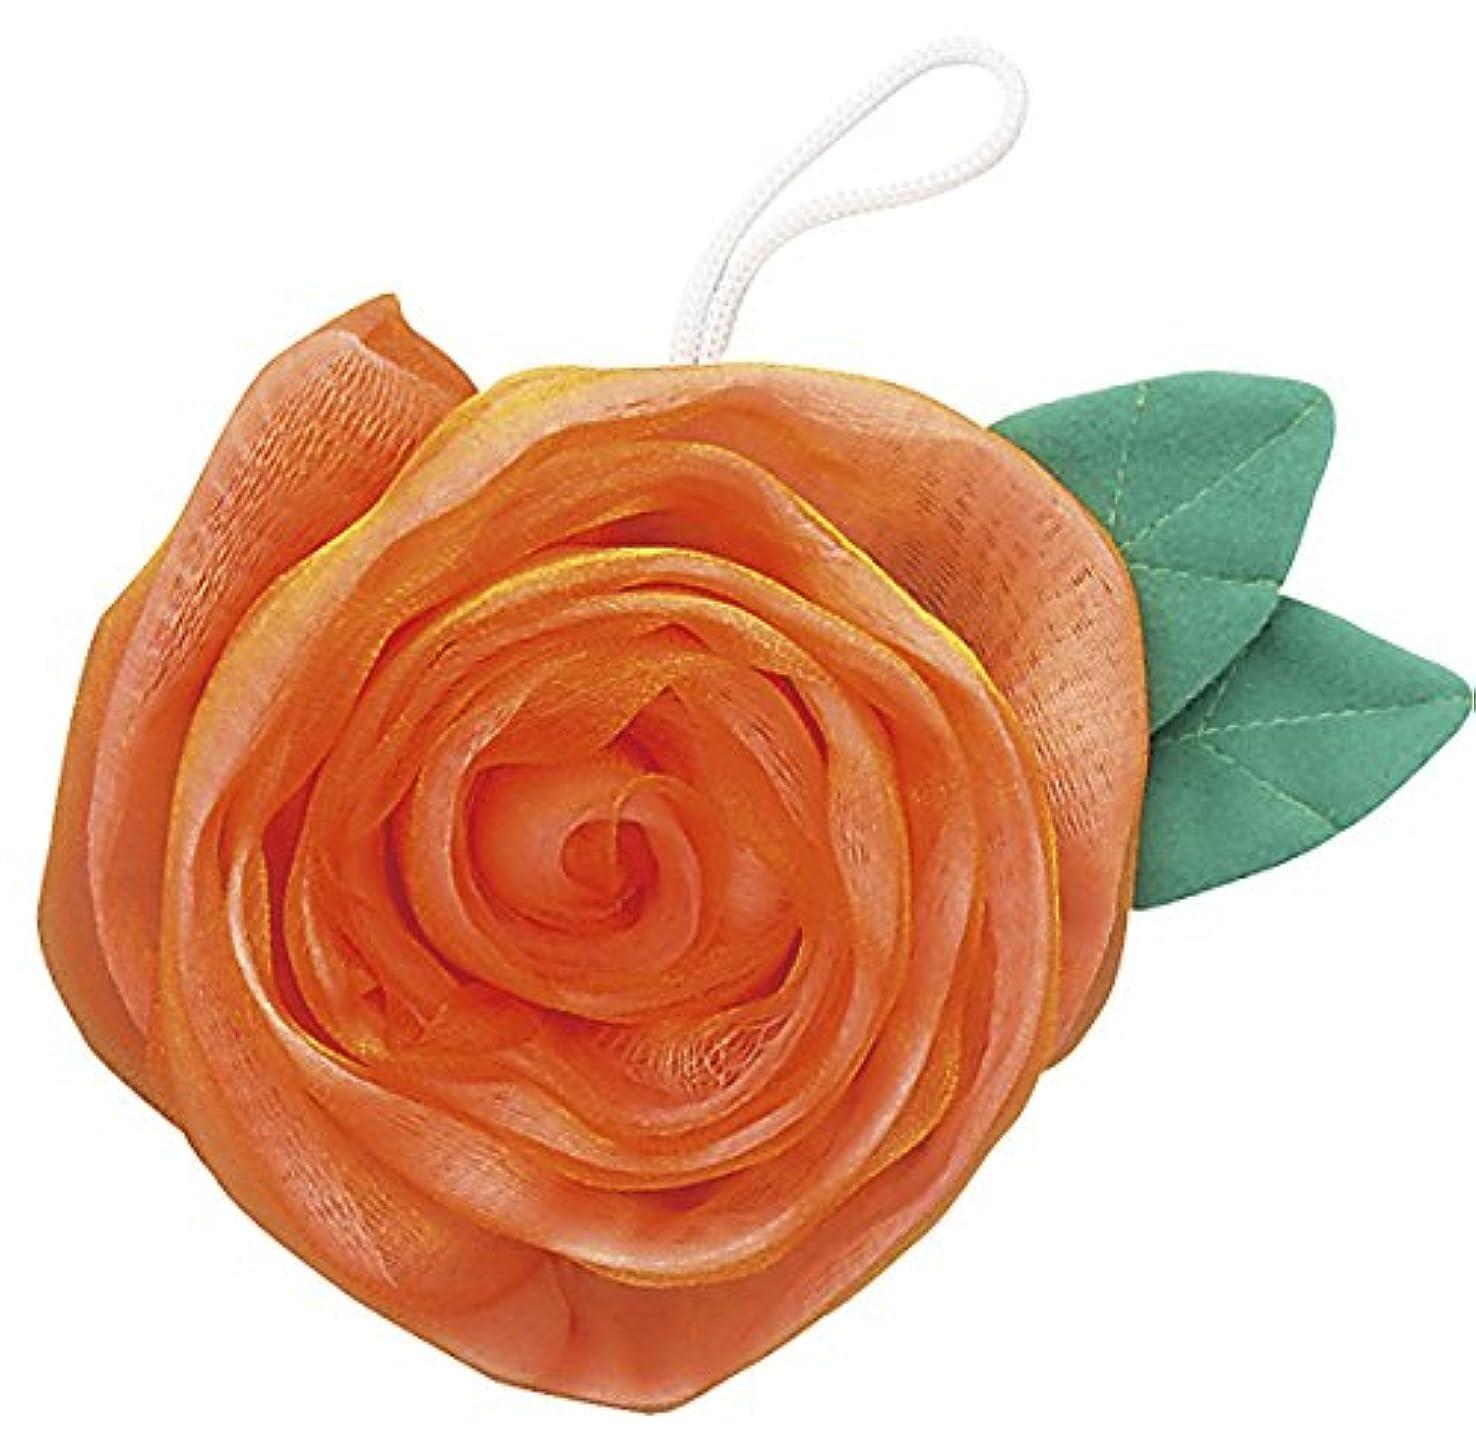 痛い委託ランタンフジインターナショナル エレガントローズ 薔薇のボディスポンジ ゴールド BS-G